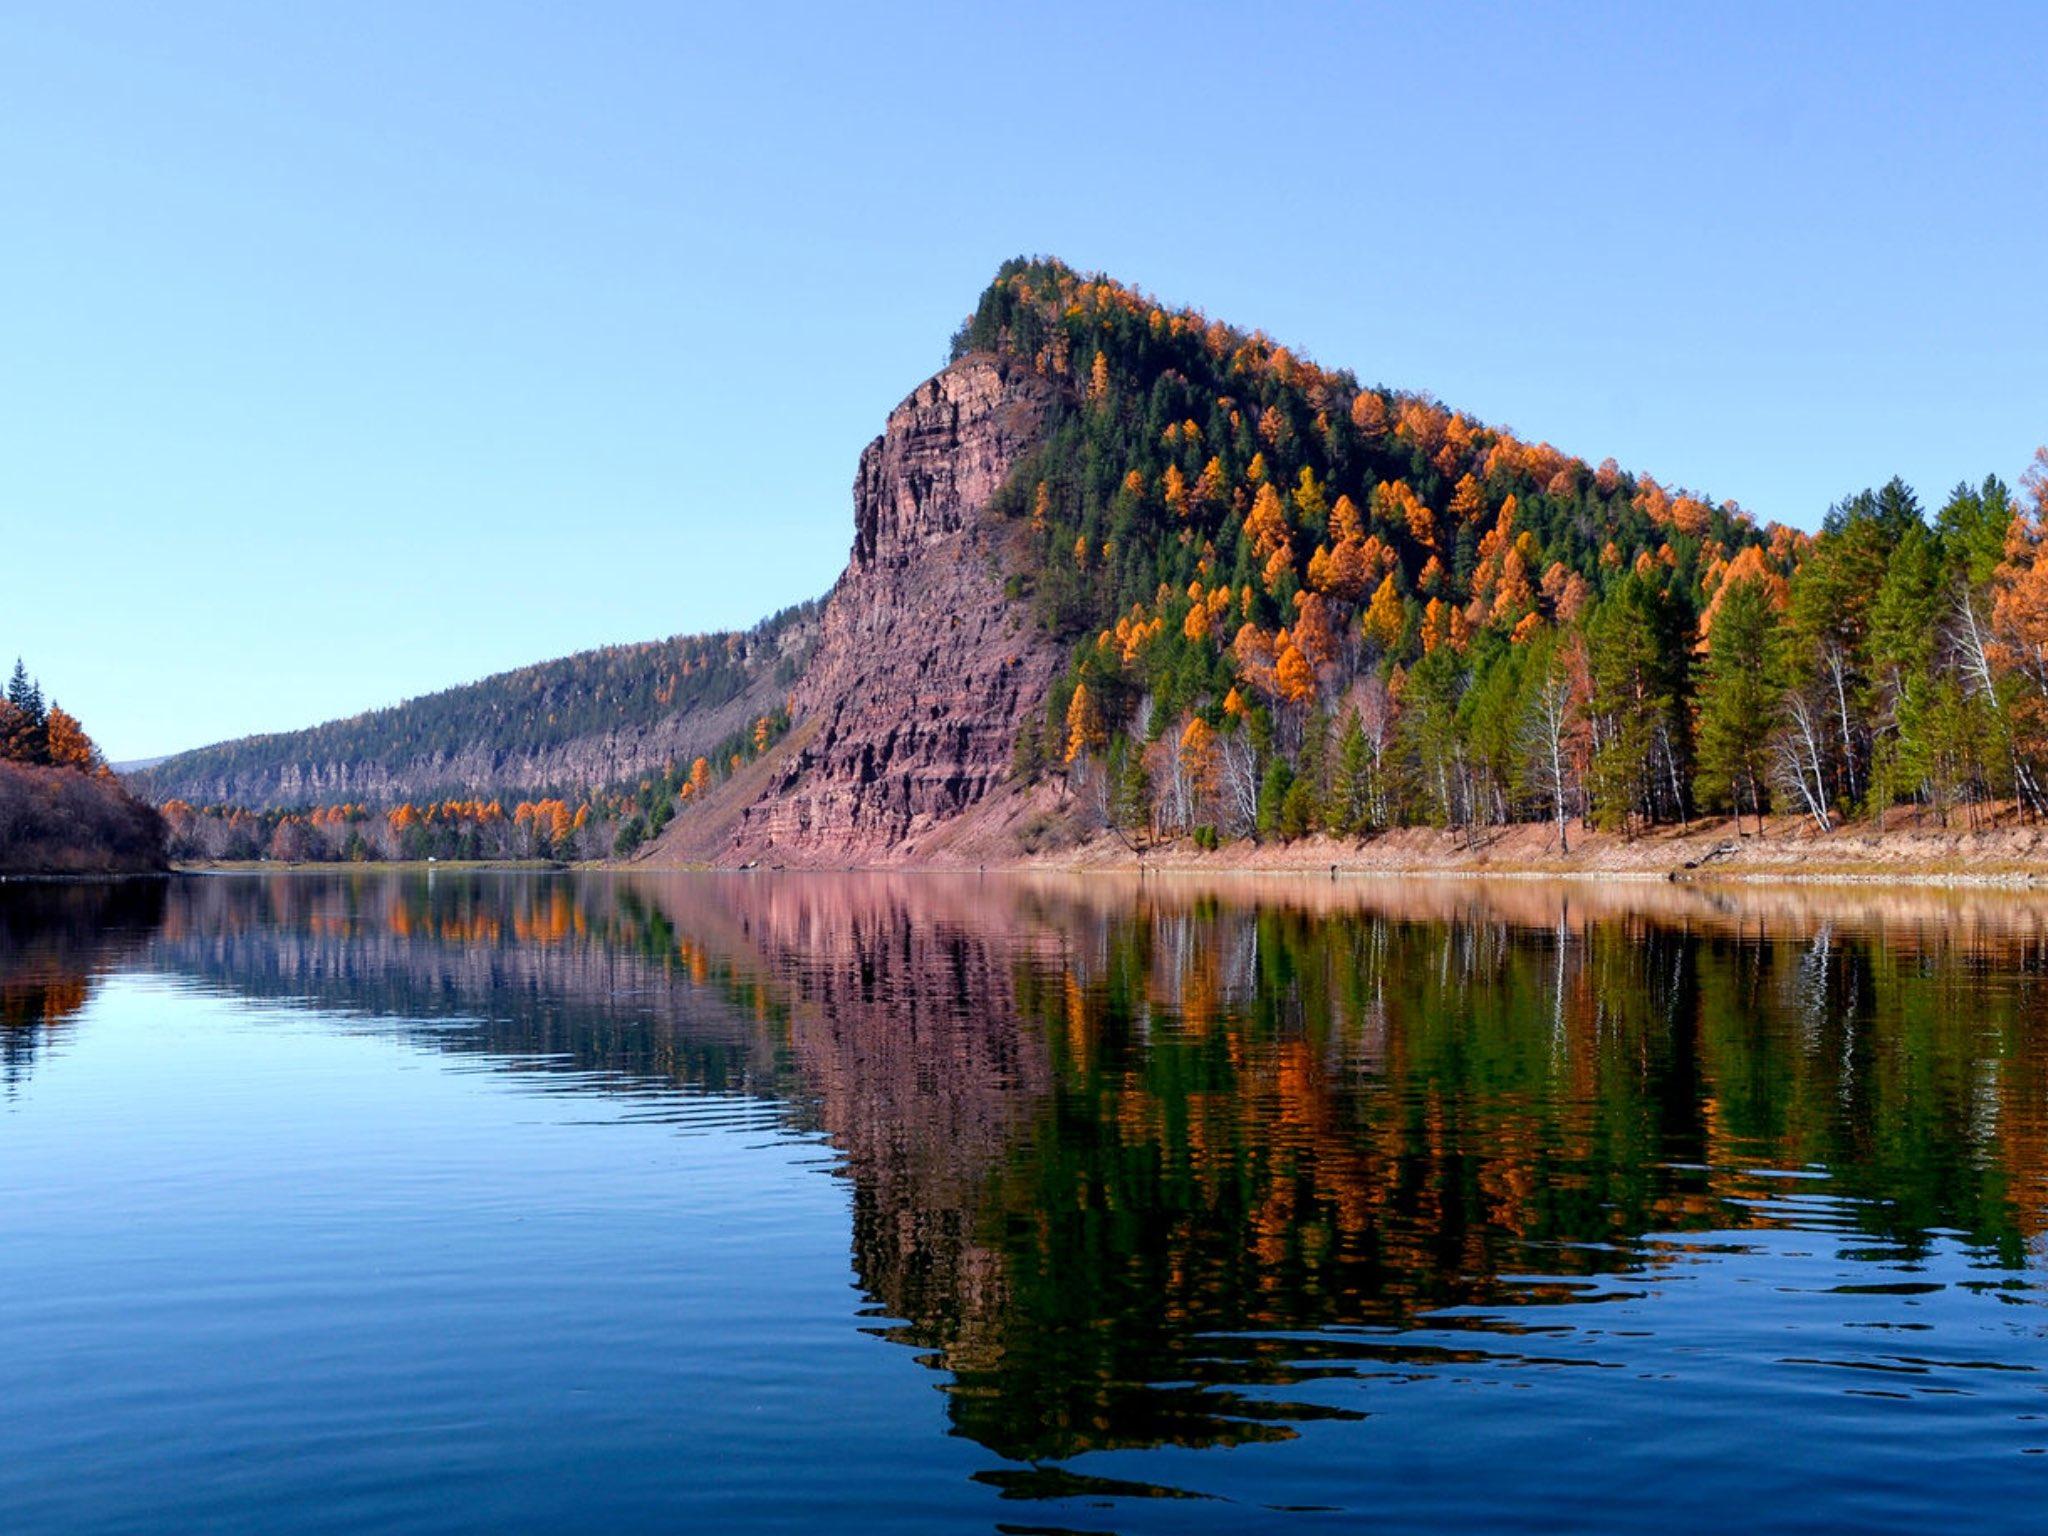 образом, красивые картинки иркутской области изгой, проклятой душой